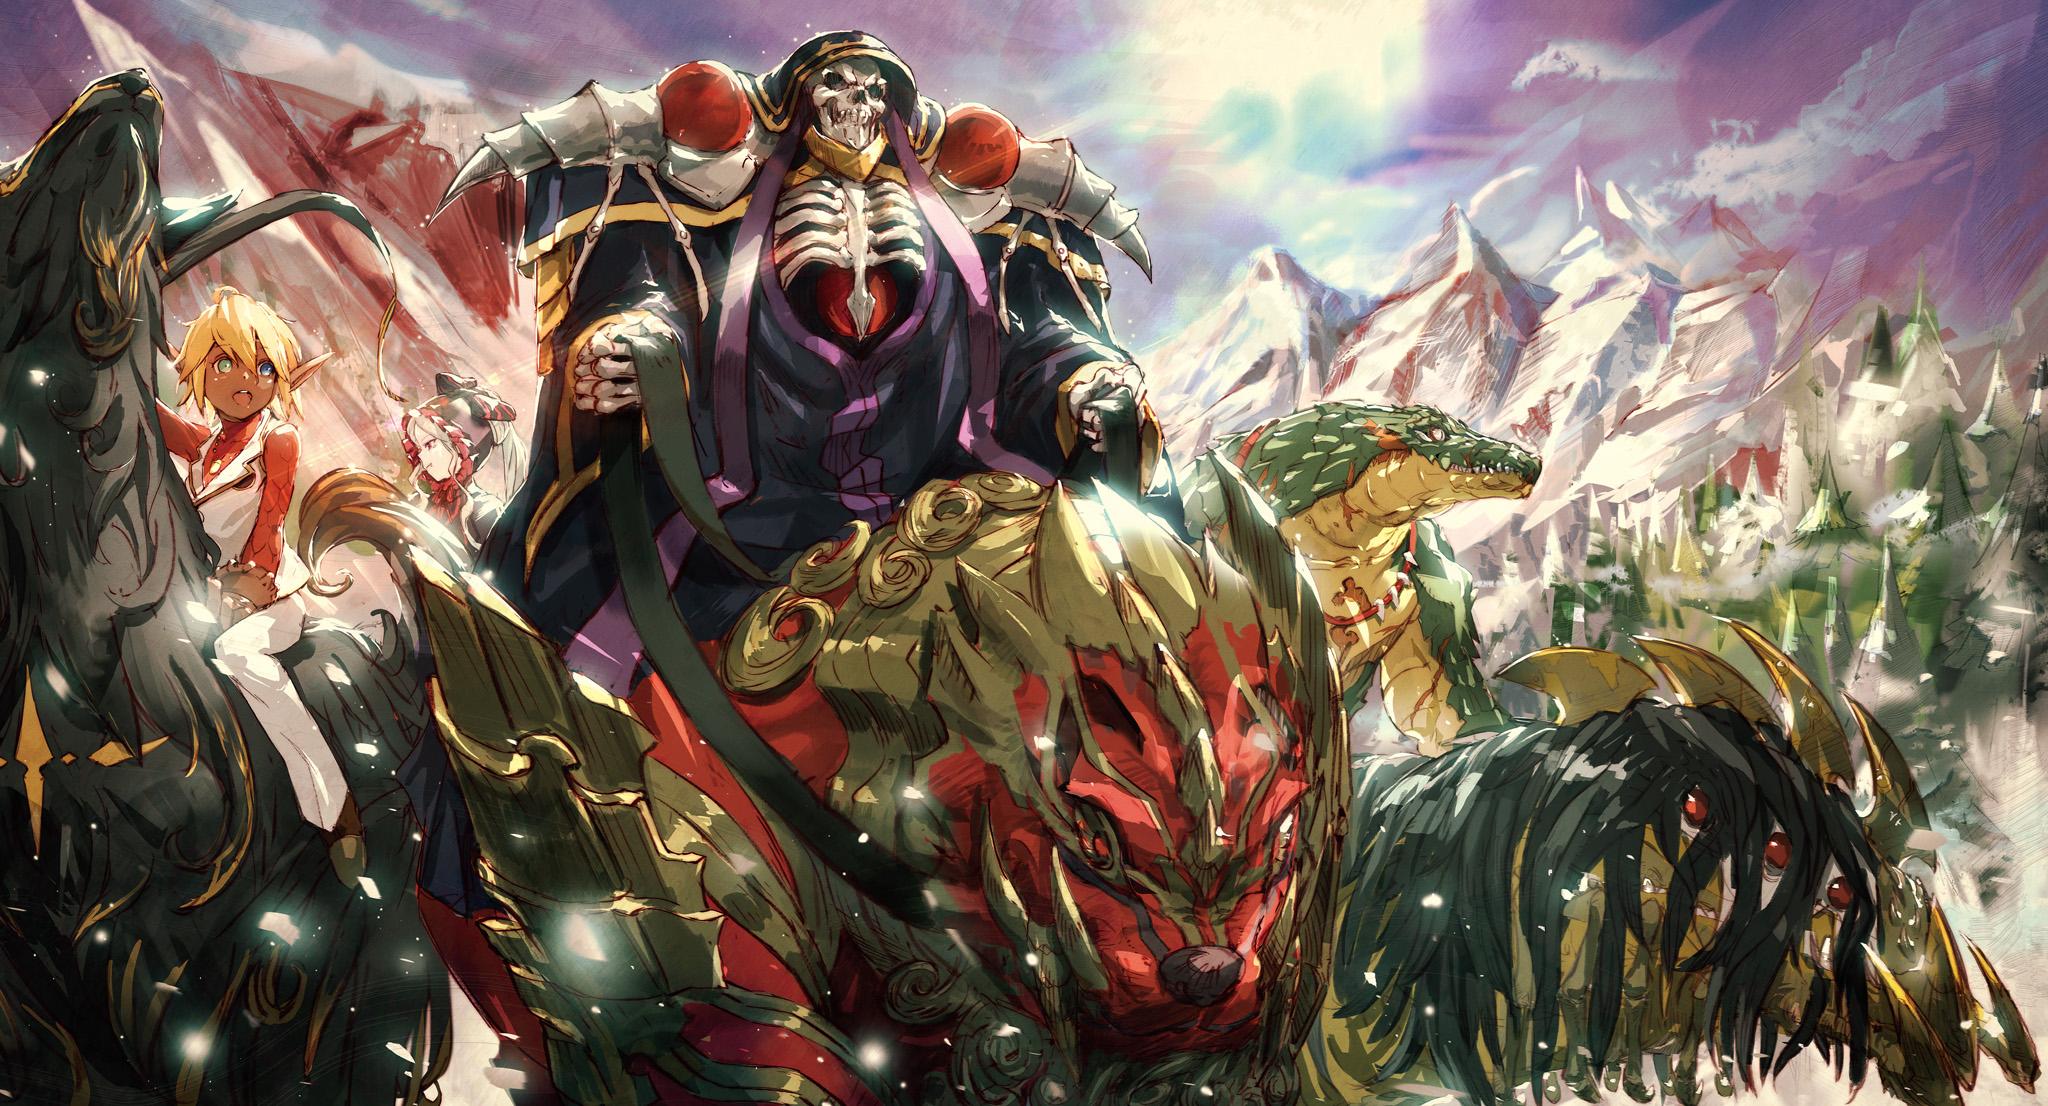 Sorcerer Kingdom | Overlord Wiki | FANDOM powered by Wikia